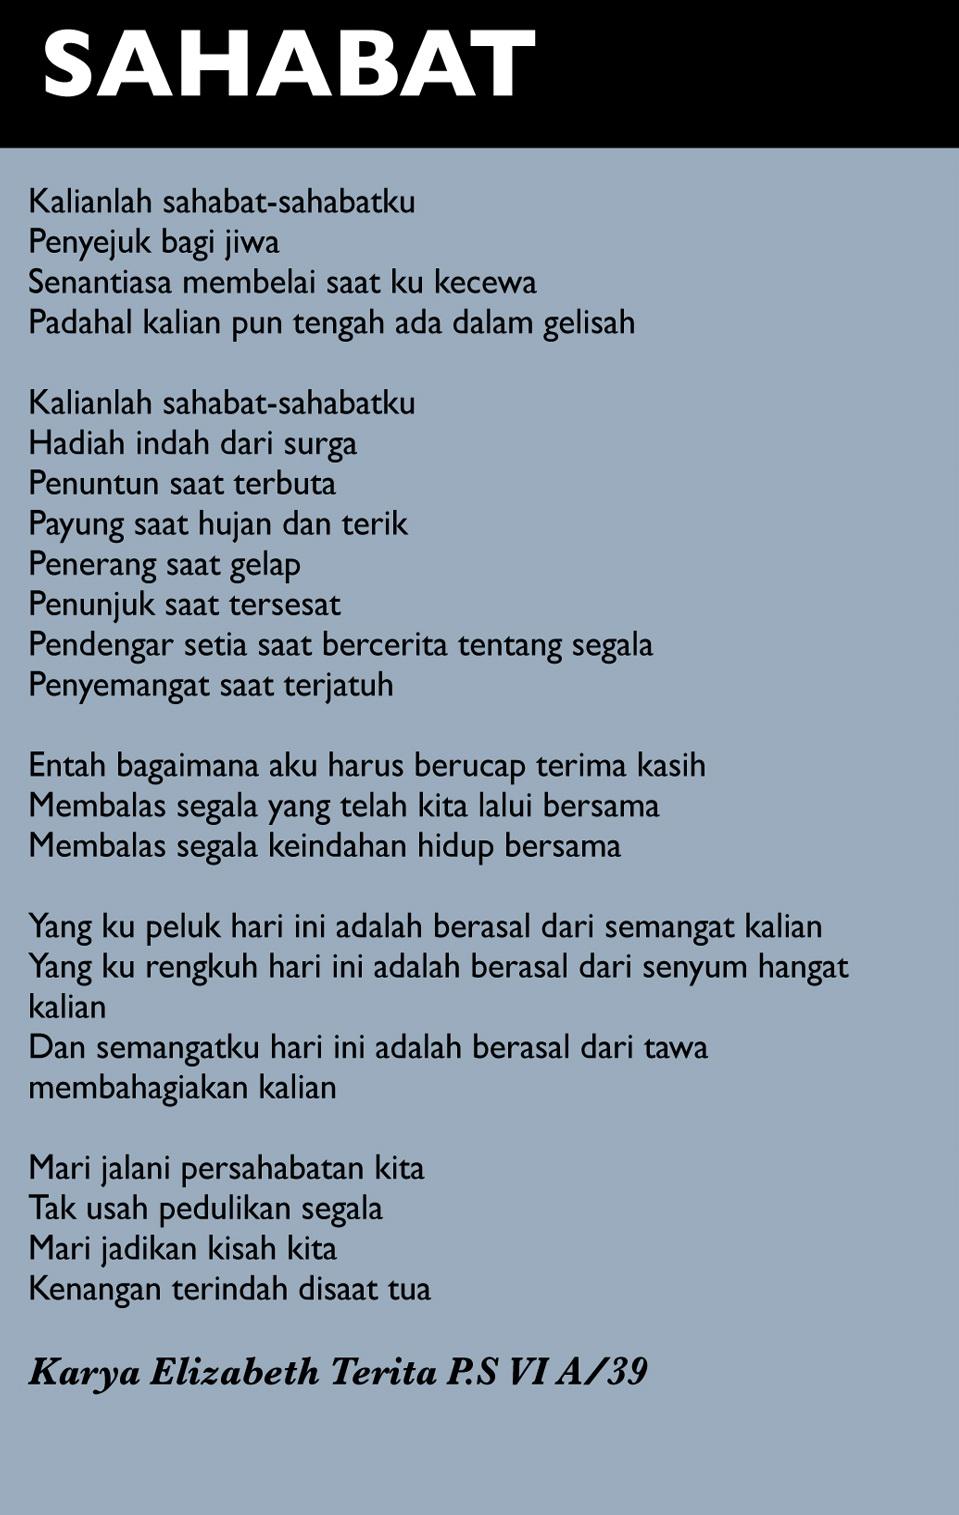 Kumpulan Puisi Pendek